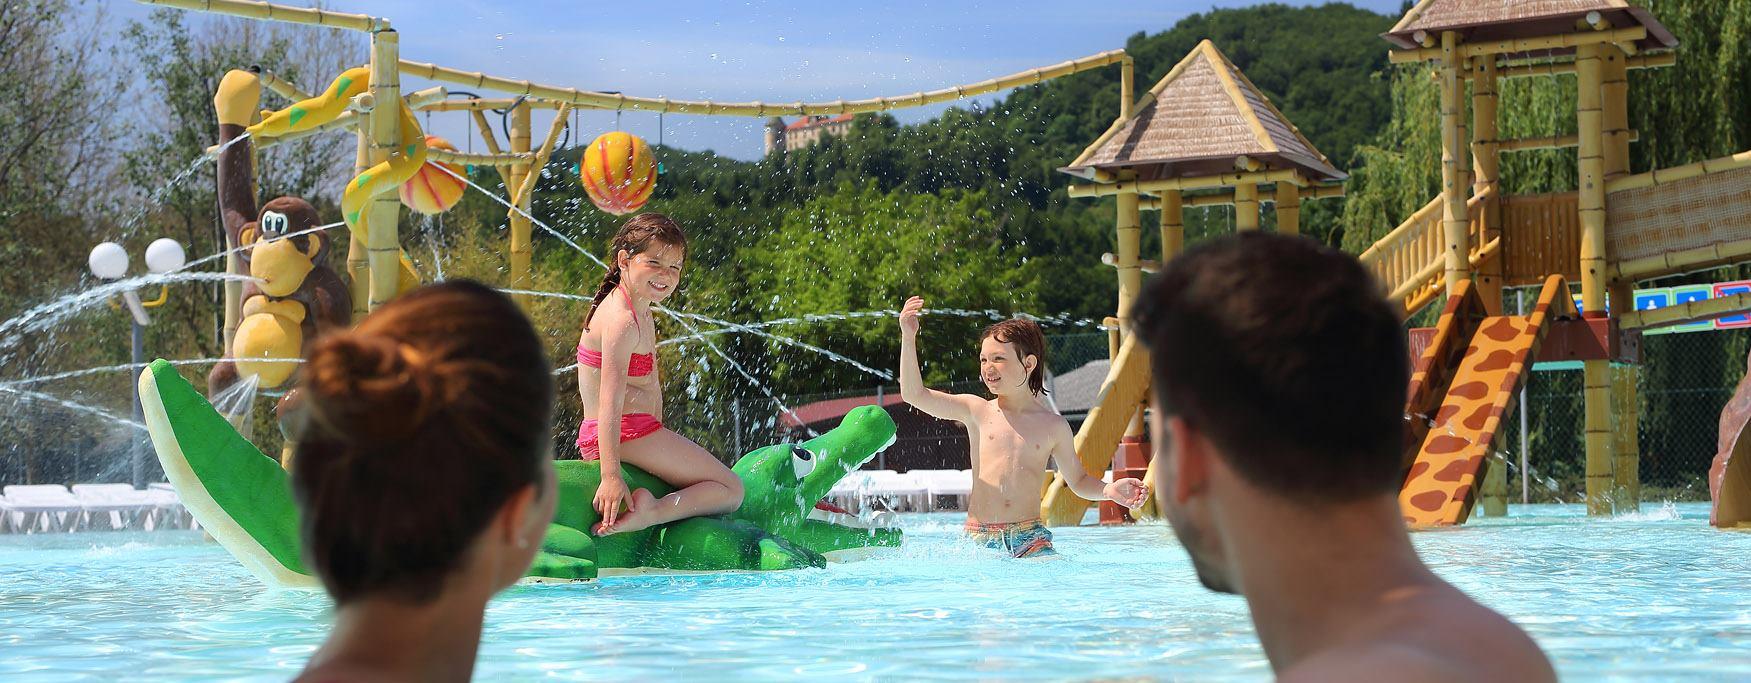 FOTO: Aqualuna Terma Olimia nudi mnoštvo zabave za najmlađe